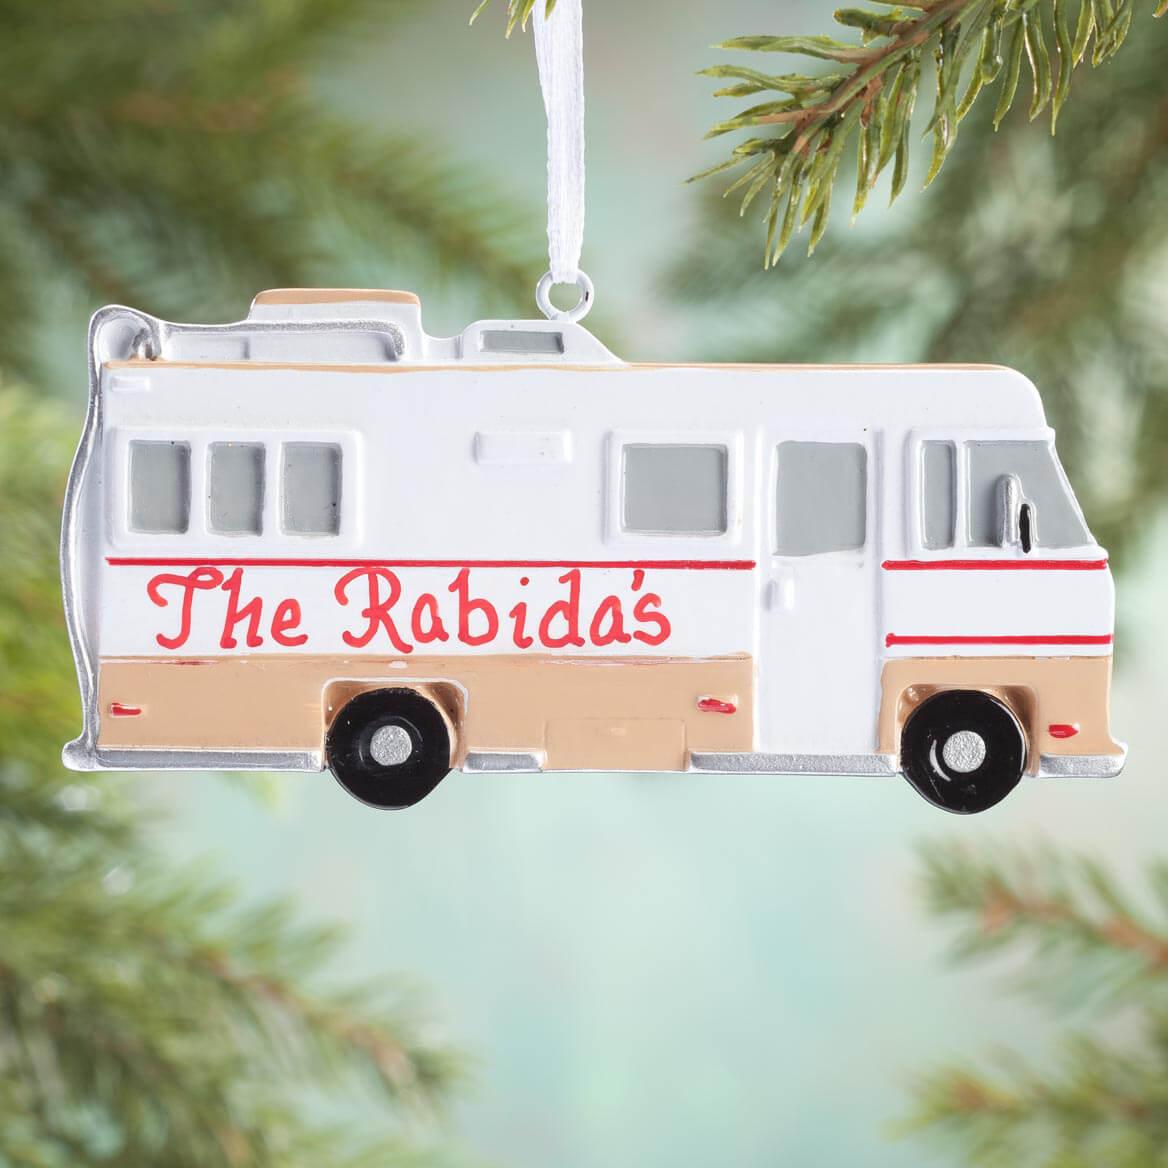 Rv ornament - Personalized Rv Ornament 357175